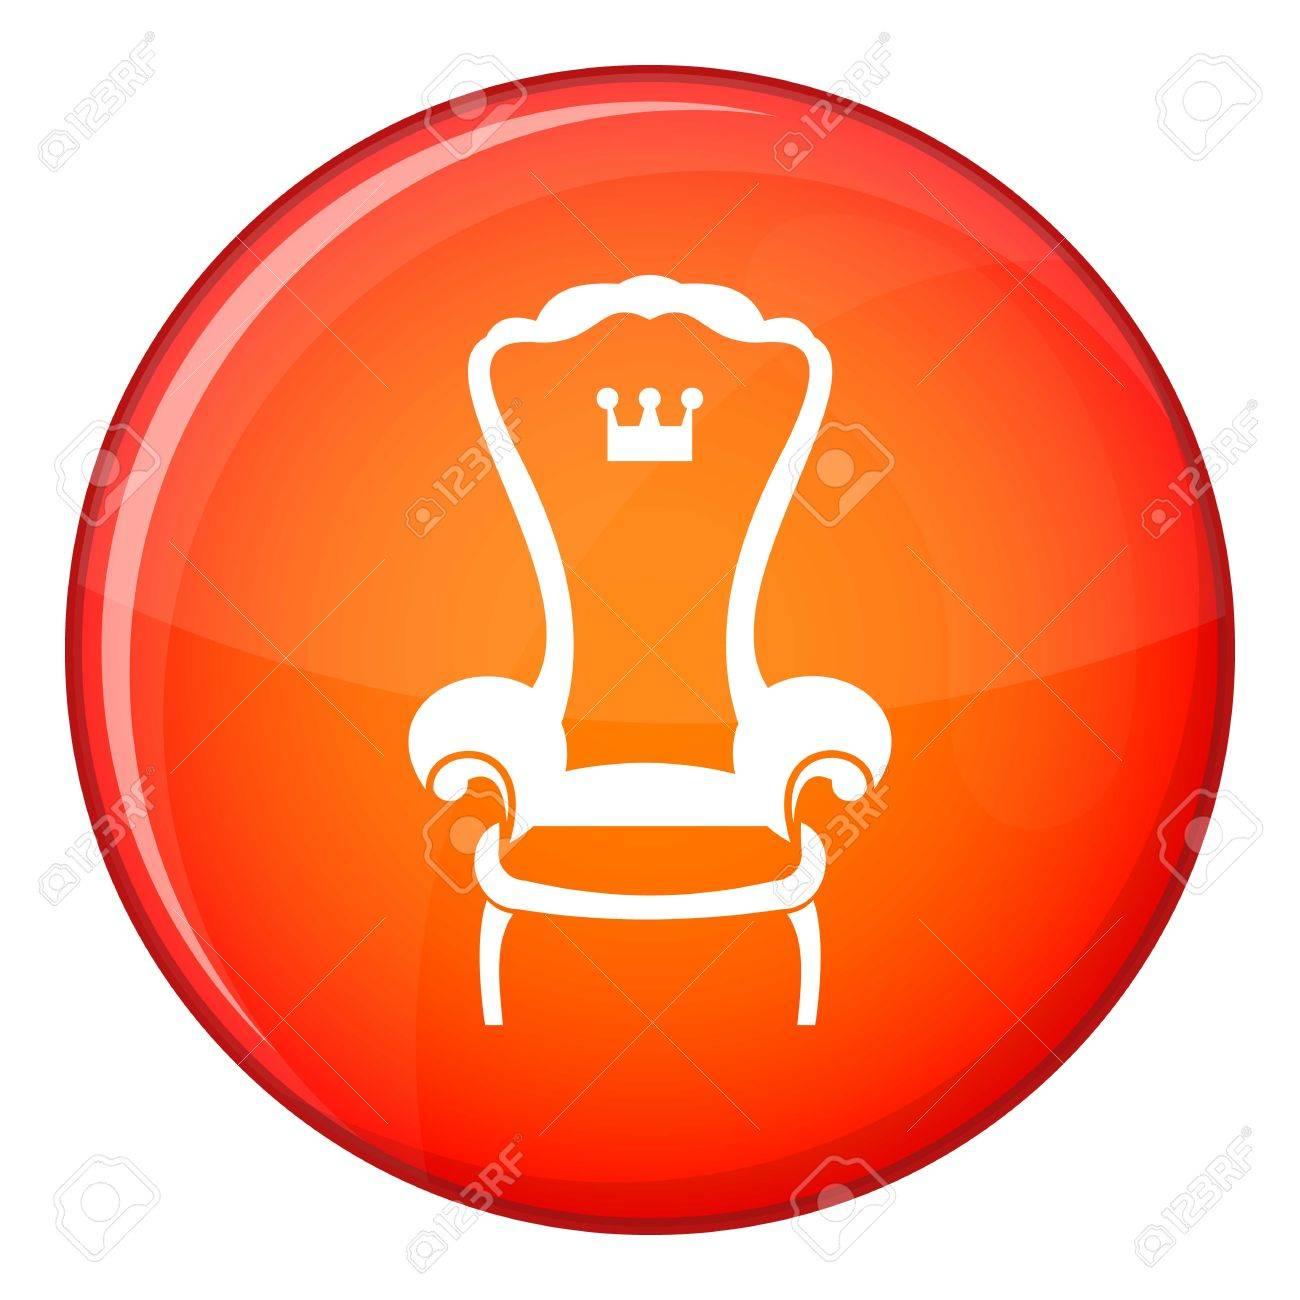 Roi Icone De Chaise Trone En Cercle Rouge Isole Sur Lillustration